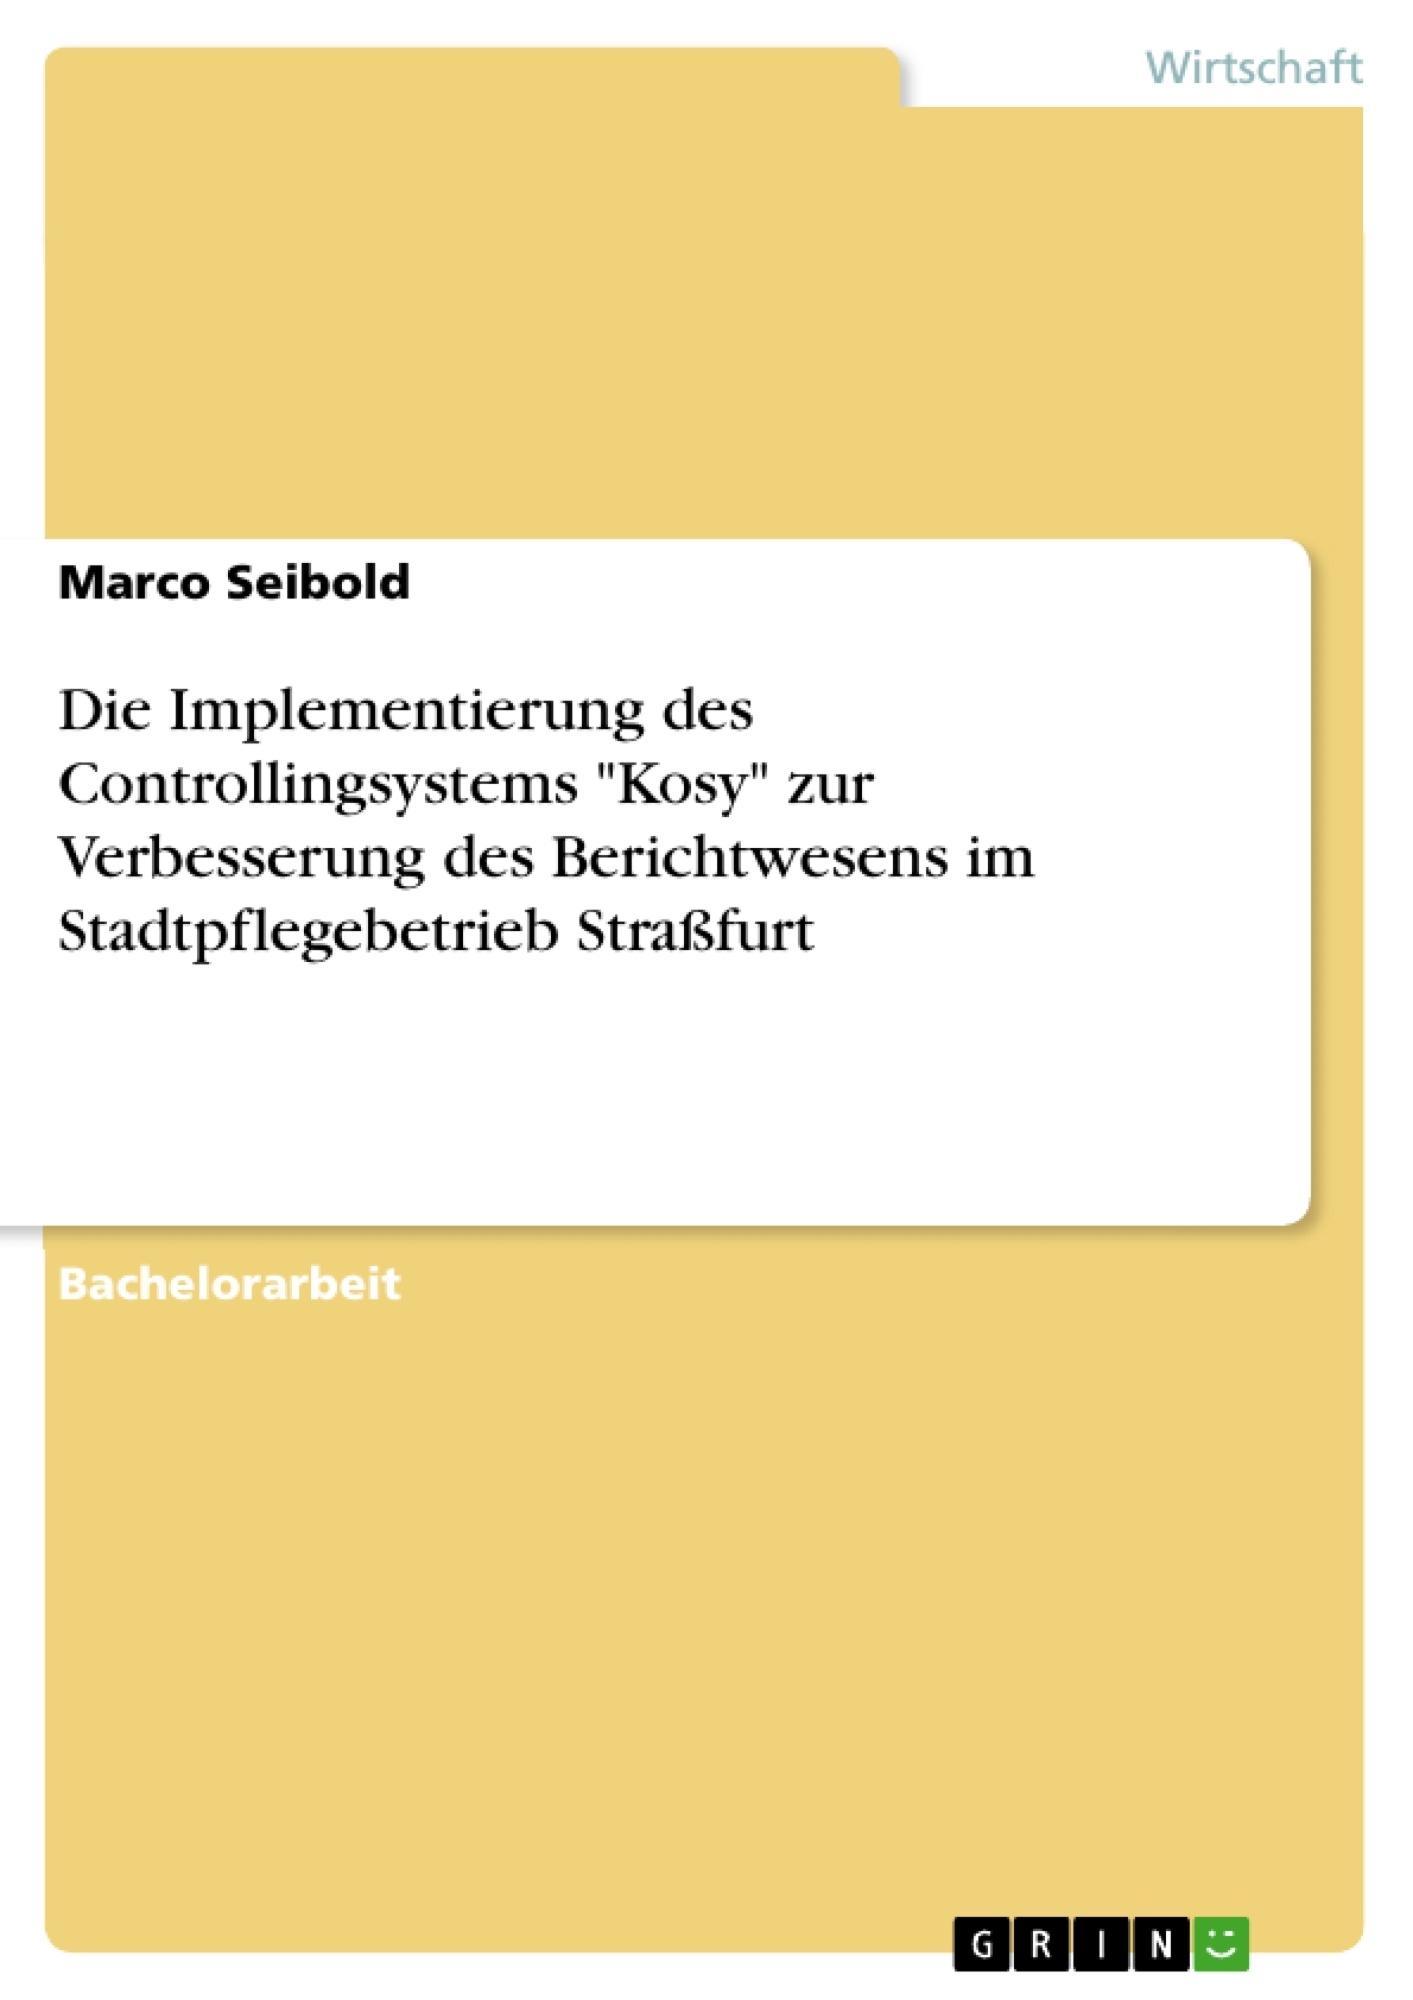 """Titel: Die Implementierung des Controllingsystems """"Kosy"""" zur Verbesserung des Berichtwesens im Stadtpflegebetrieb Straßfurt"""